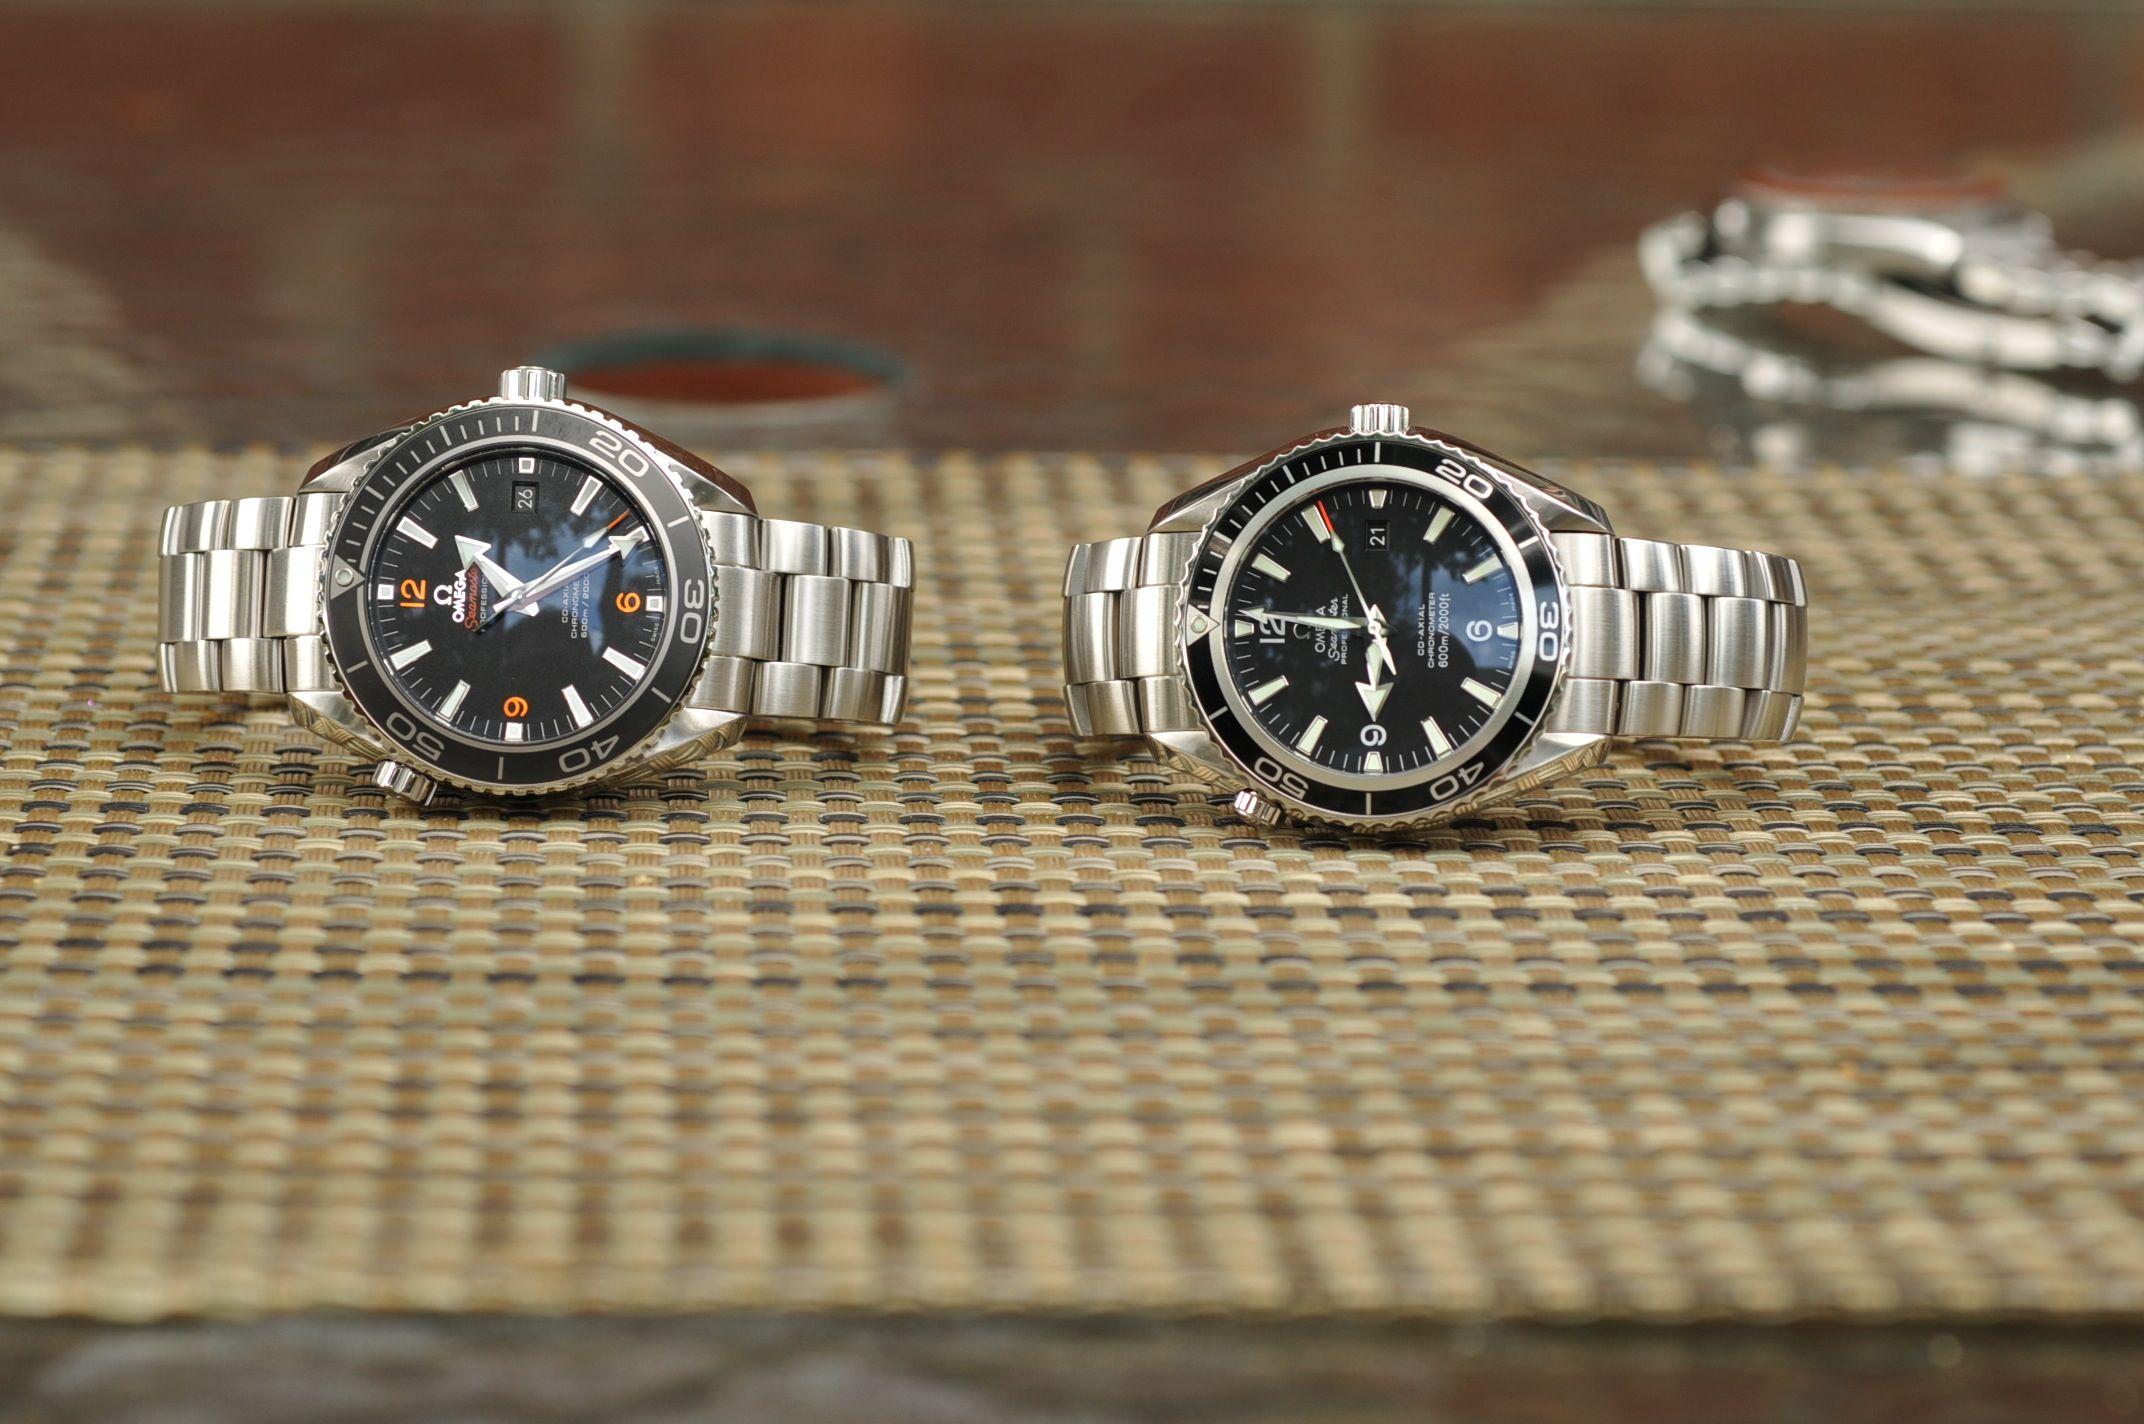 omega planet ocean 8500 vs 2500 classic time omega planet ocean